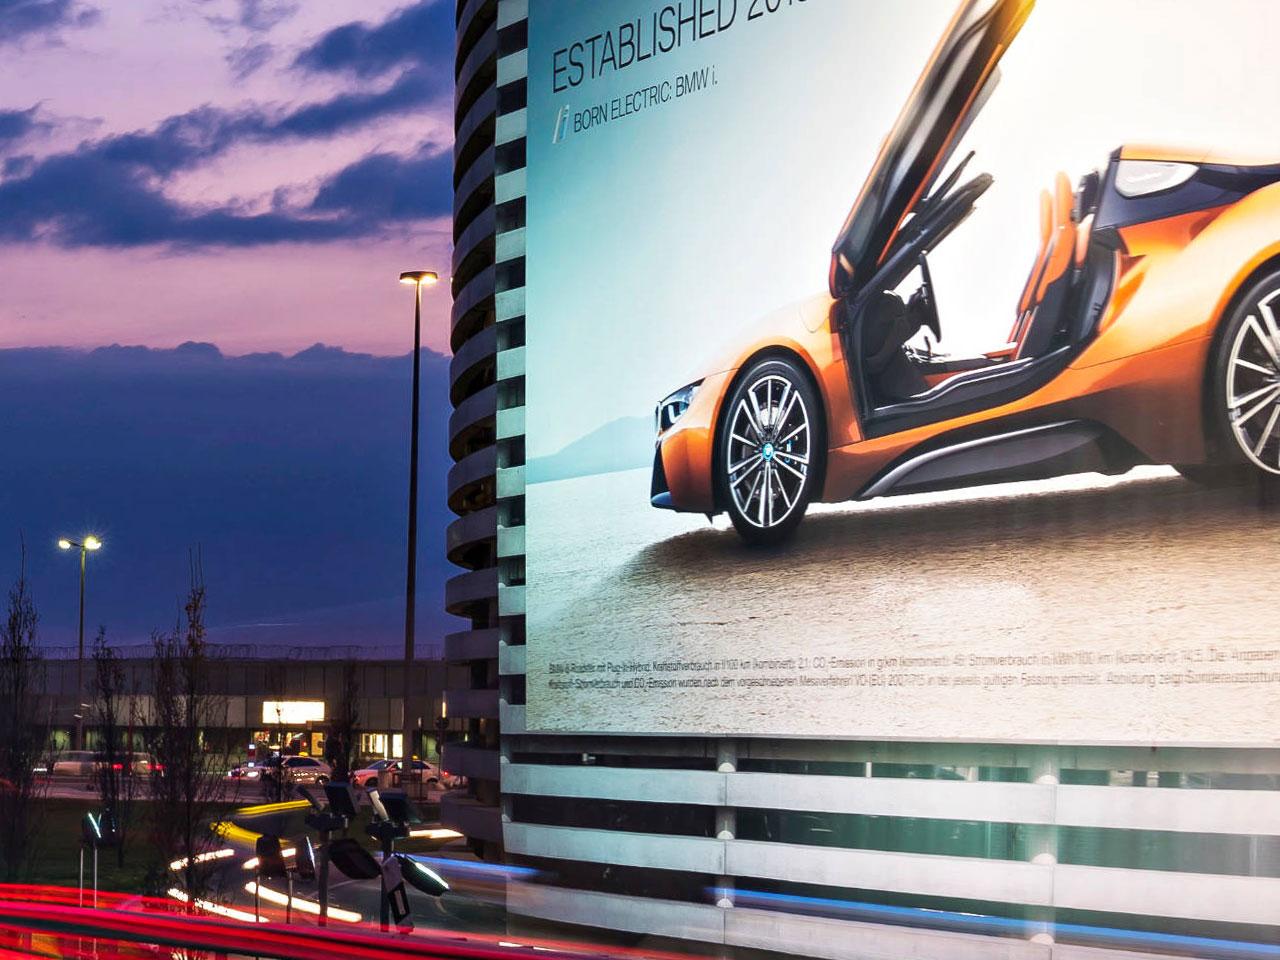 Riesenposter für den BMW i8 am Flughafen Hamburg im Abendlicht